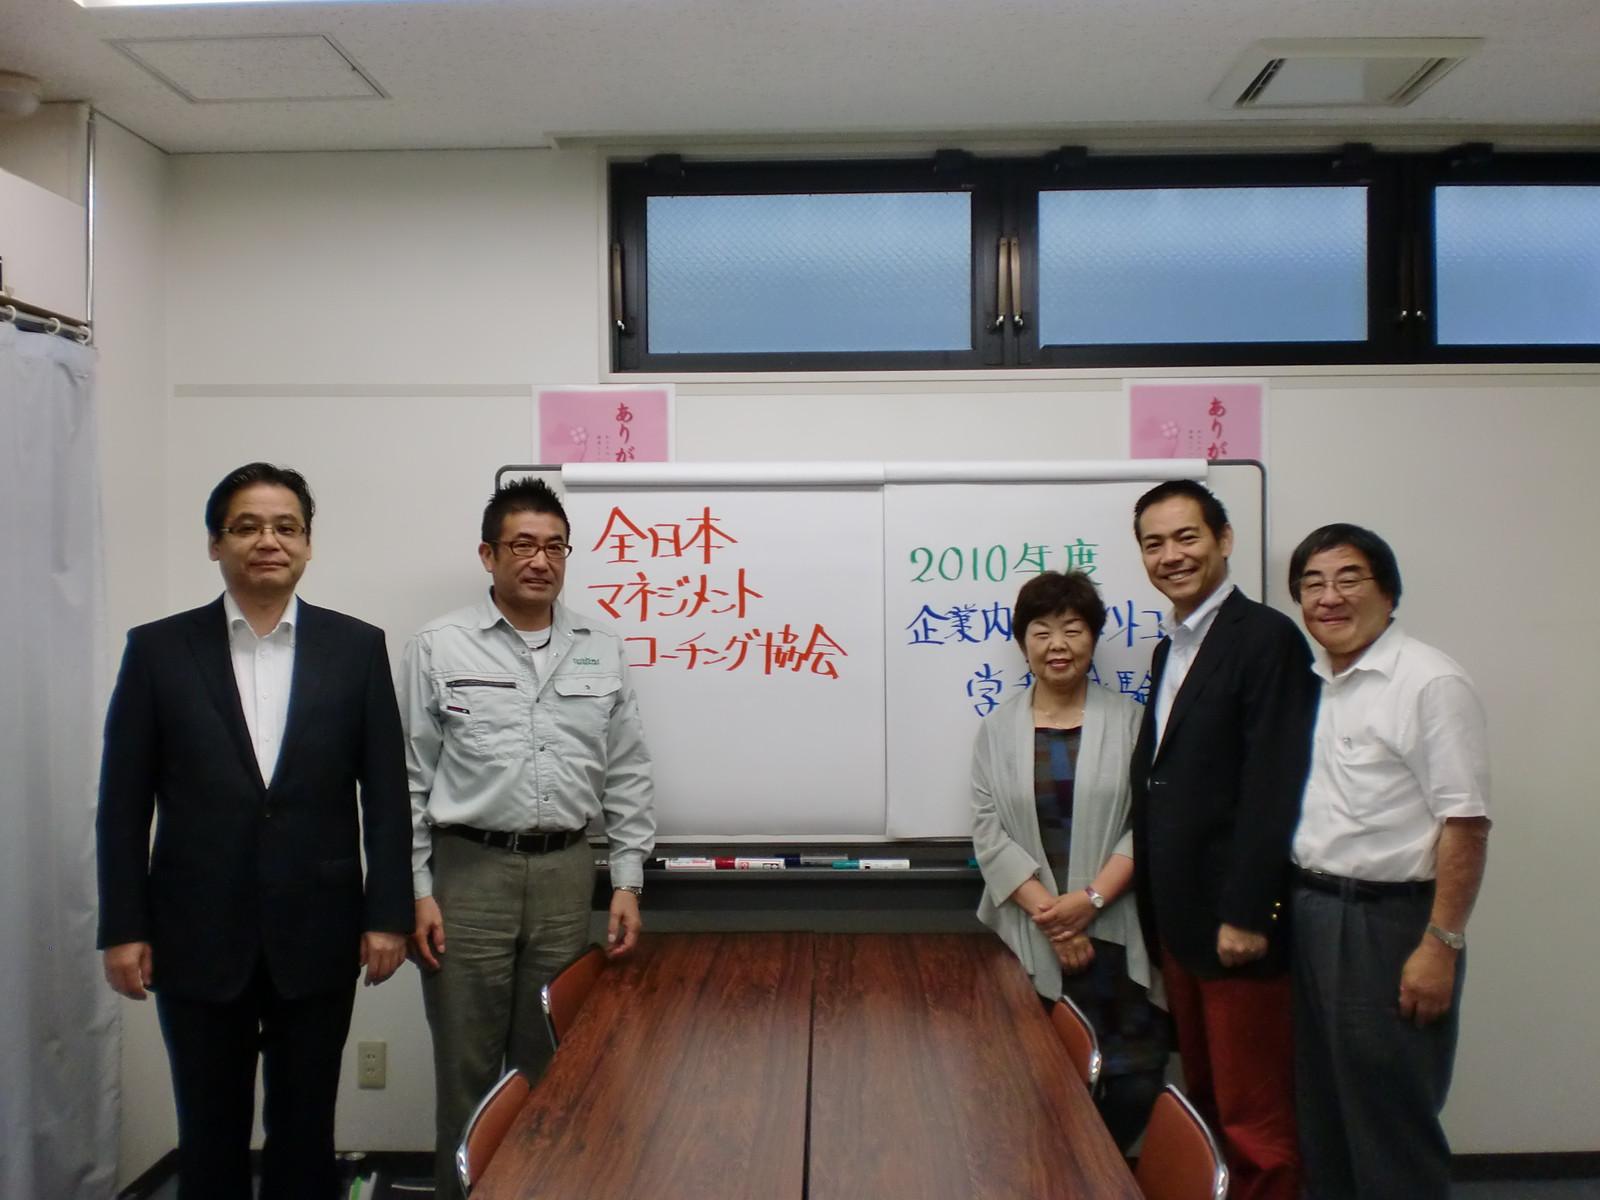 全日本マネジメントコーチング協会認定コーチ試験でした。